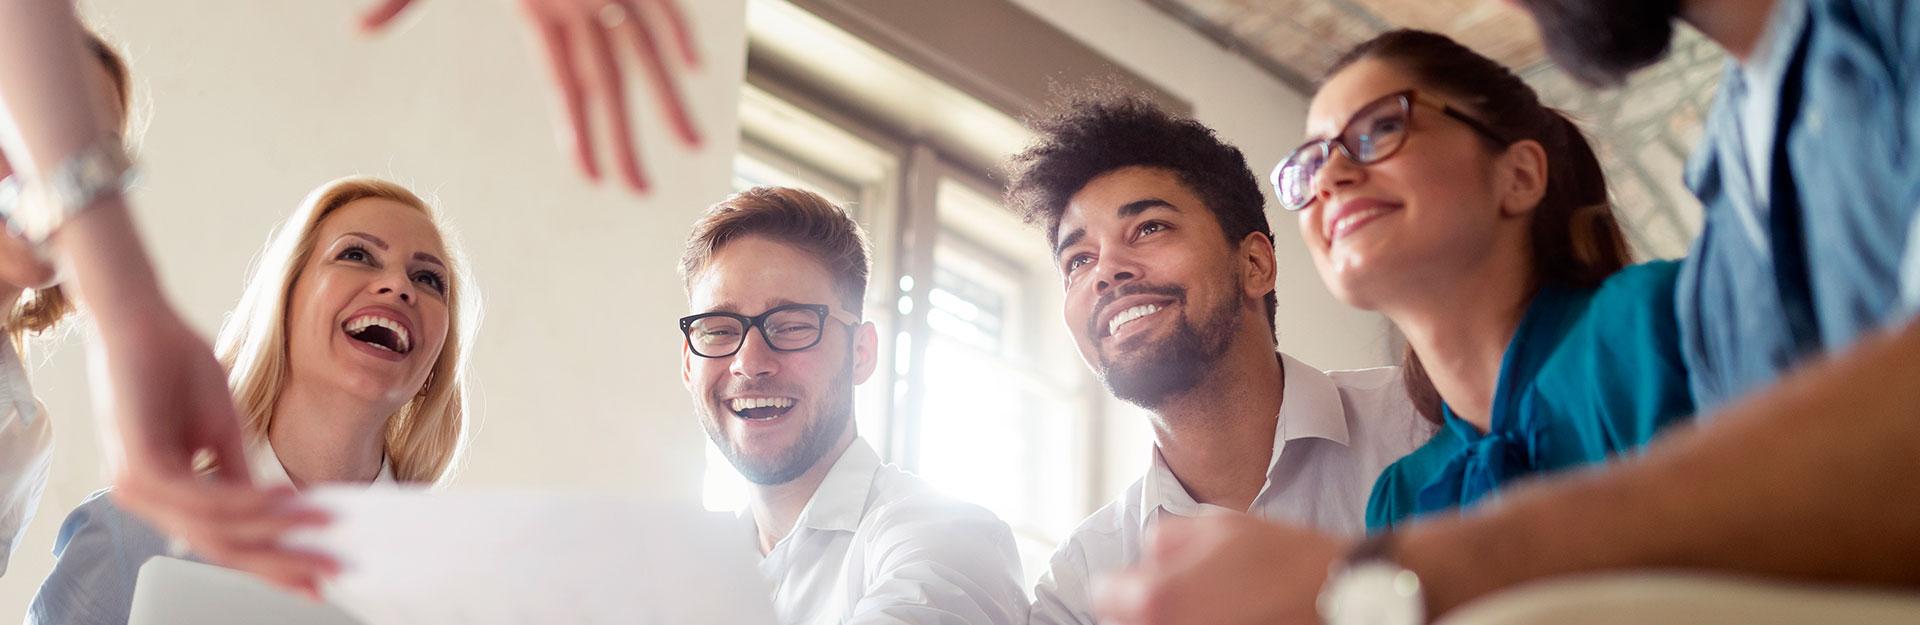 Un grupo de personas trabajan en equipo mientras sonríen.